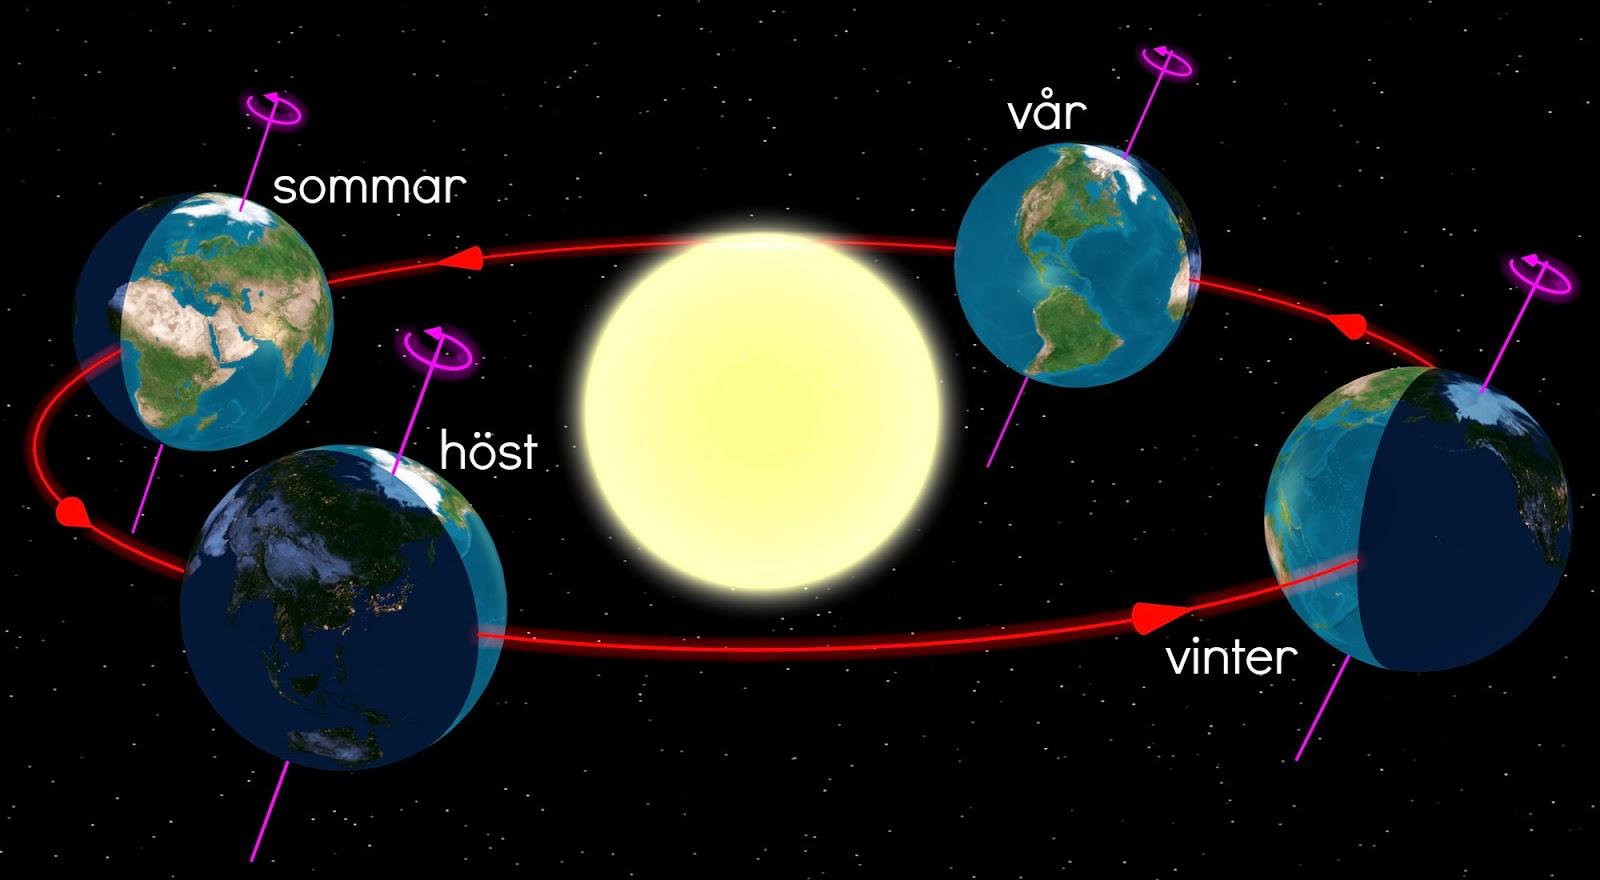 åt vilket håll snurrar jorden runt solen